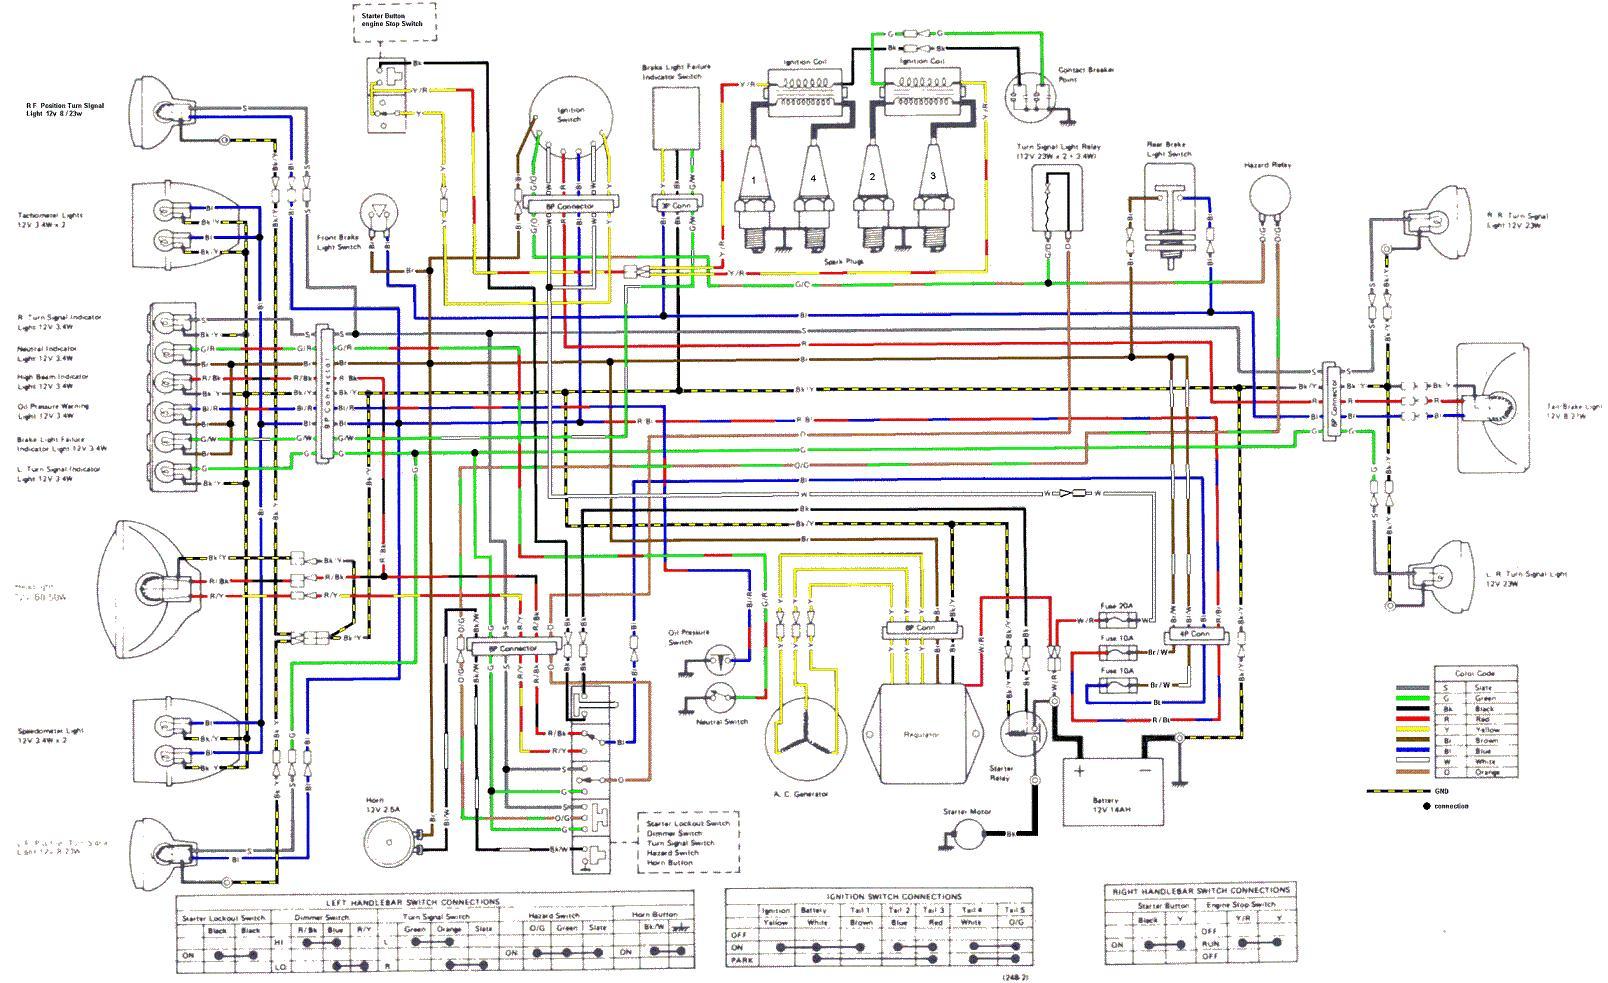 1979 ct90 wiring diagram 1998 ford f150 xl radio 1977 kz1000 kawasaki motorcycle diagrams